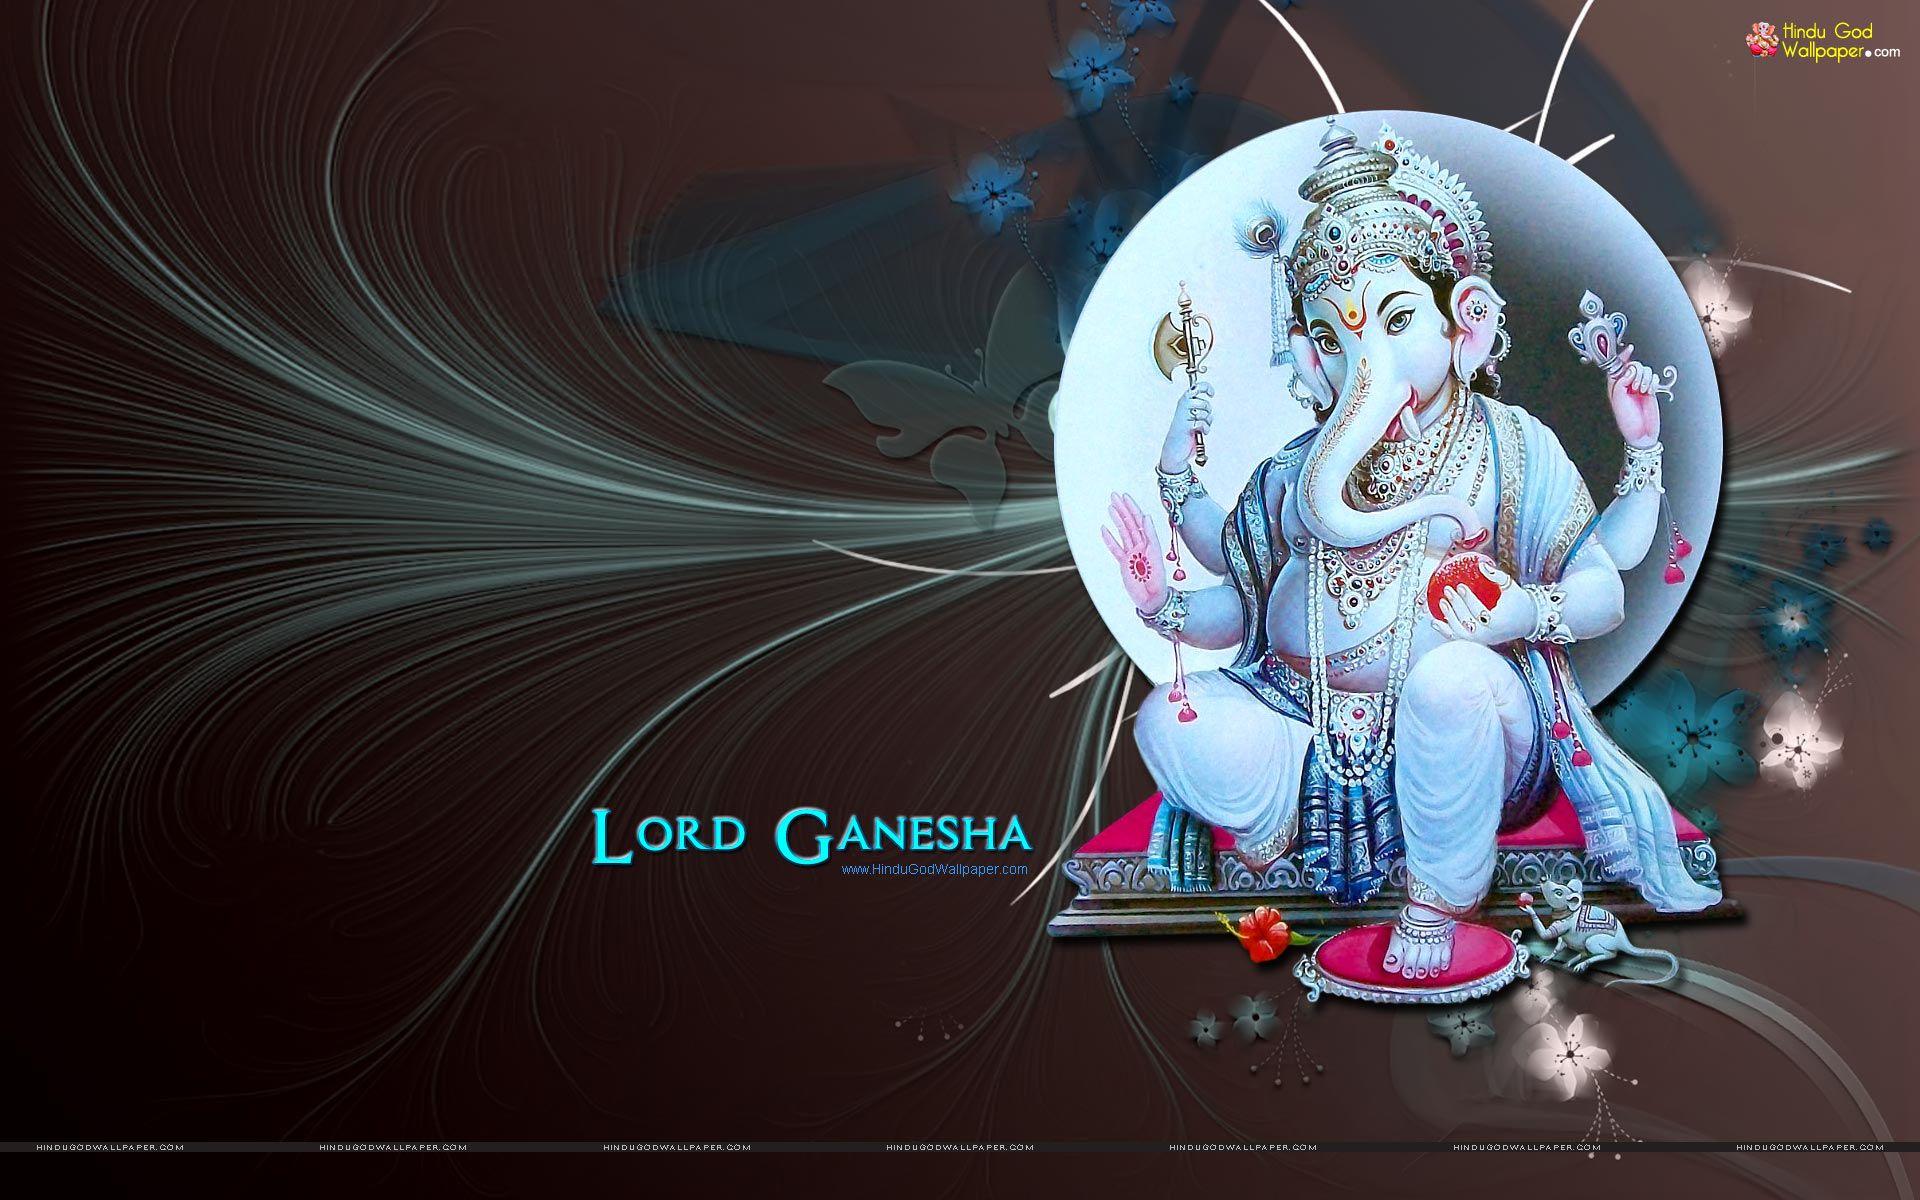 Hd wallpaper vinayagar - Lord Vinayagar Wallpaper Hd Free Download